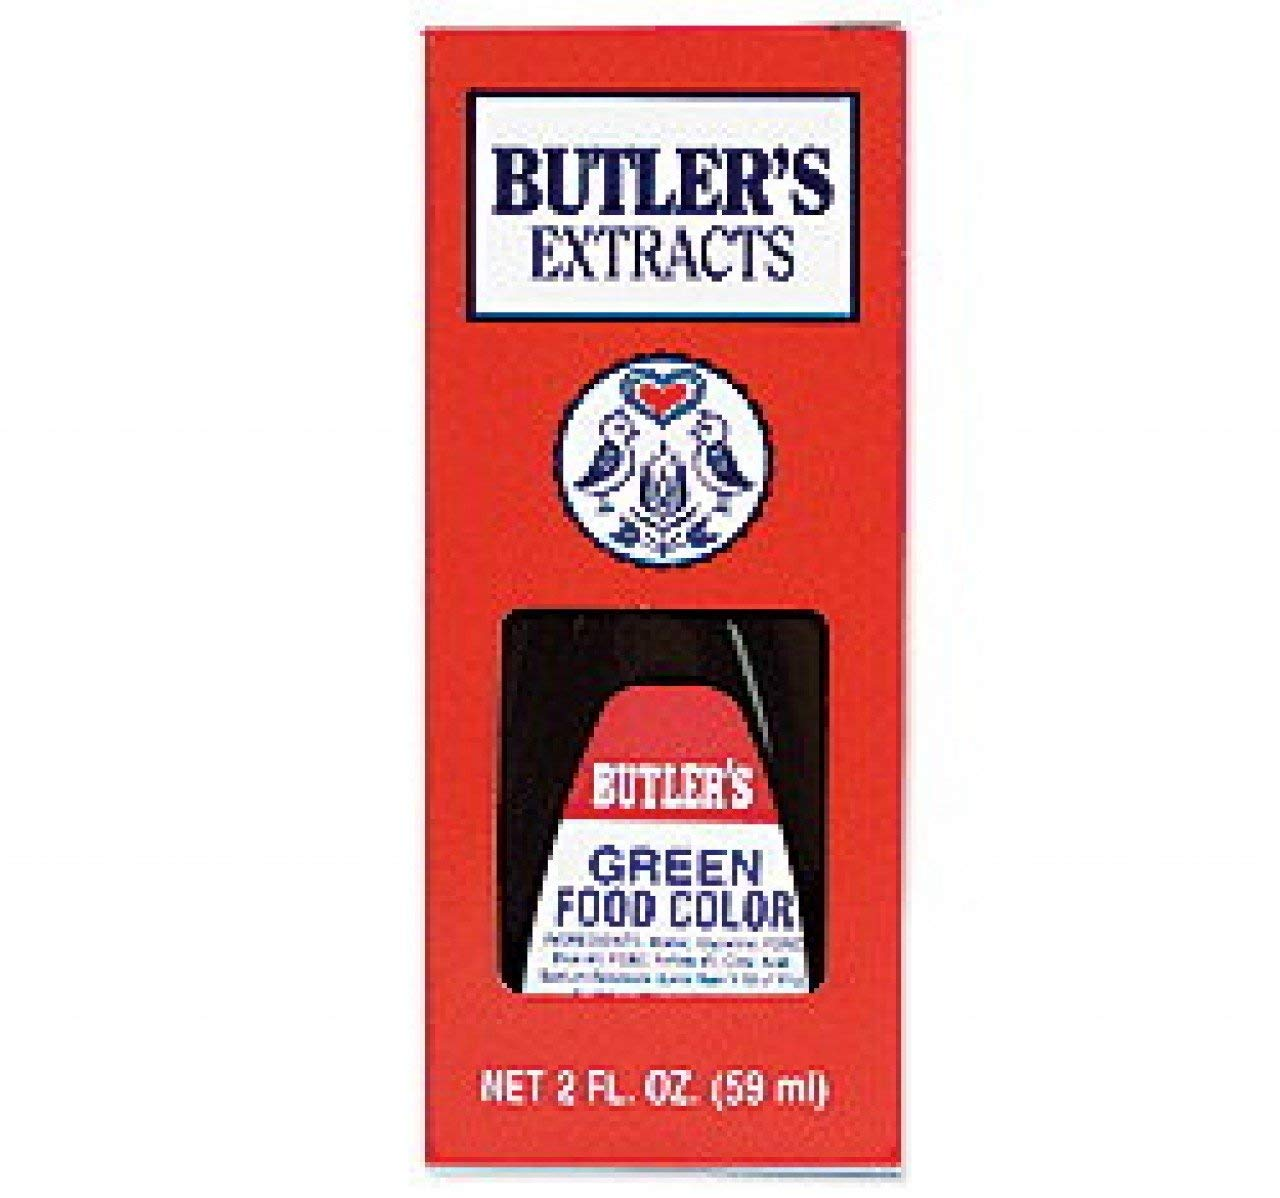 Butler's Best Green Food Coloring, Bottle, 16 fl oz